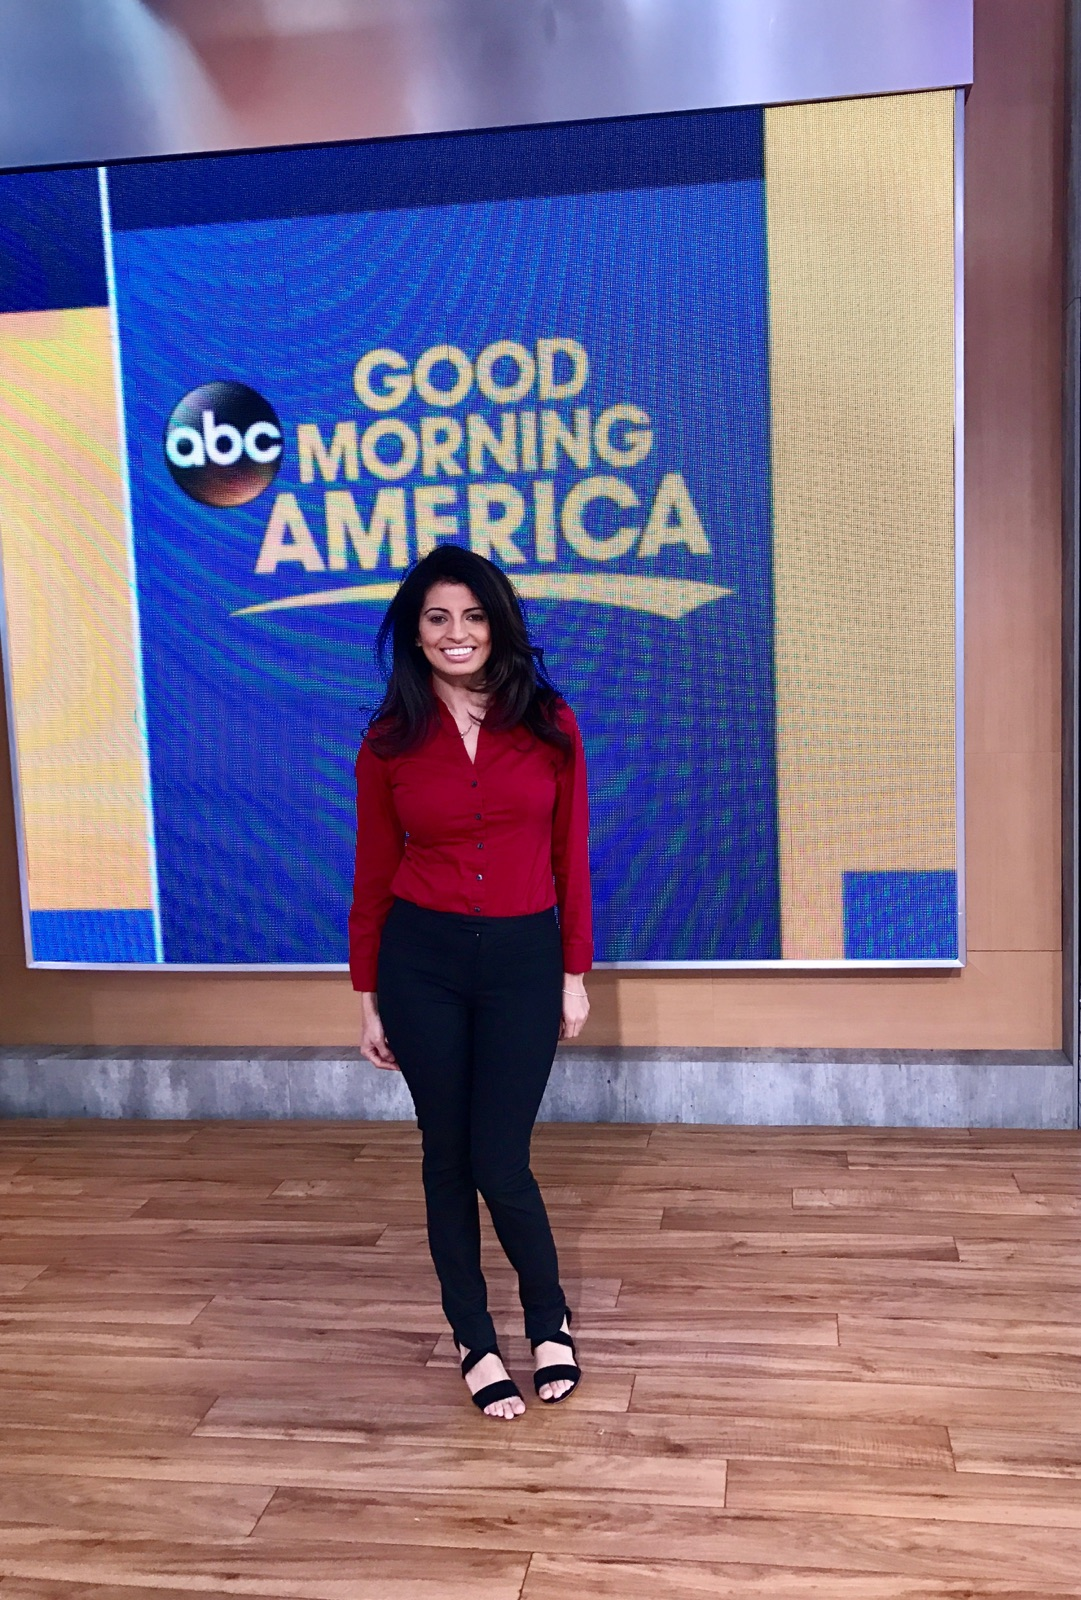 Nisha - Good Morning America